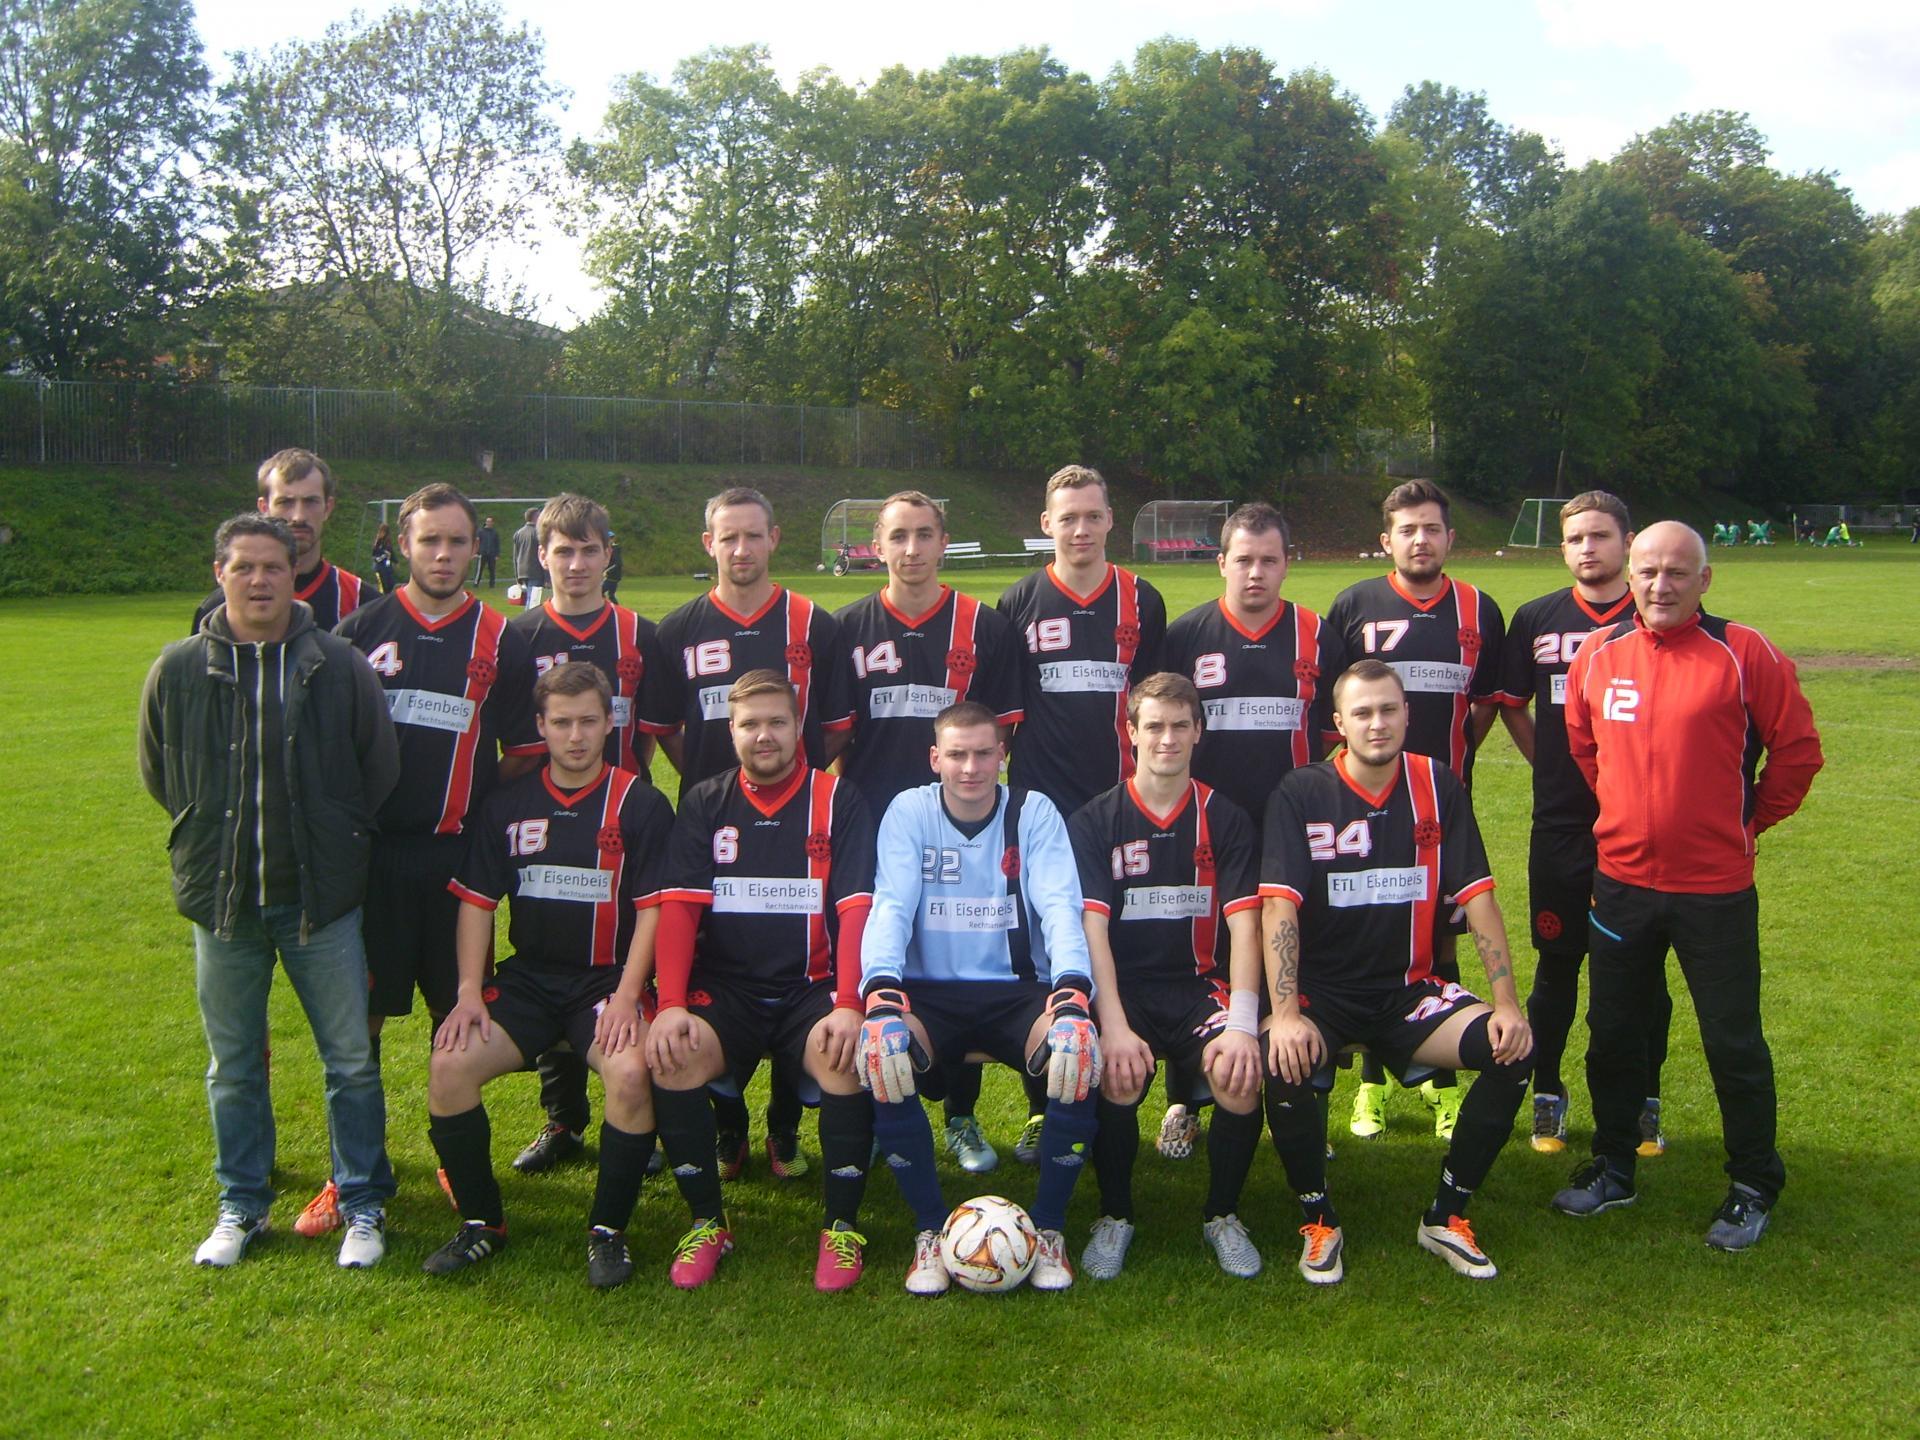 Männer-Team 2015/16